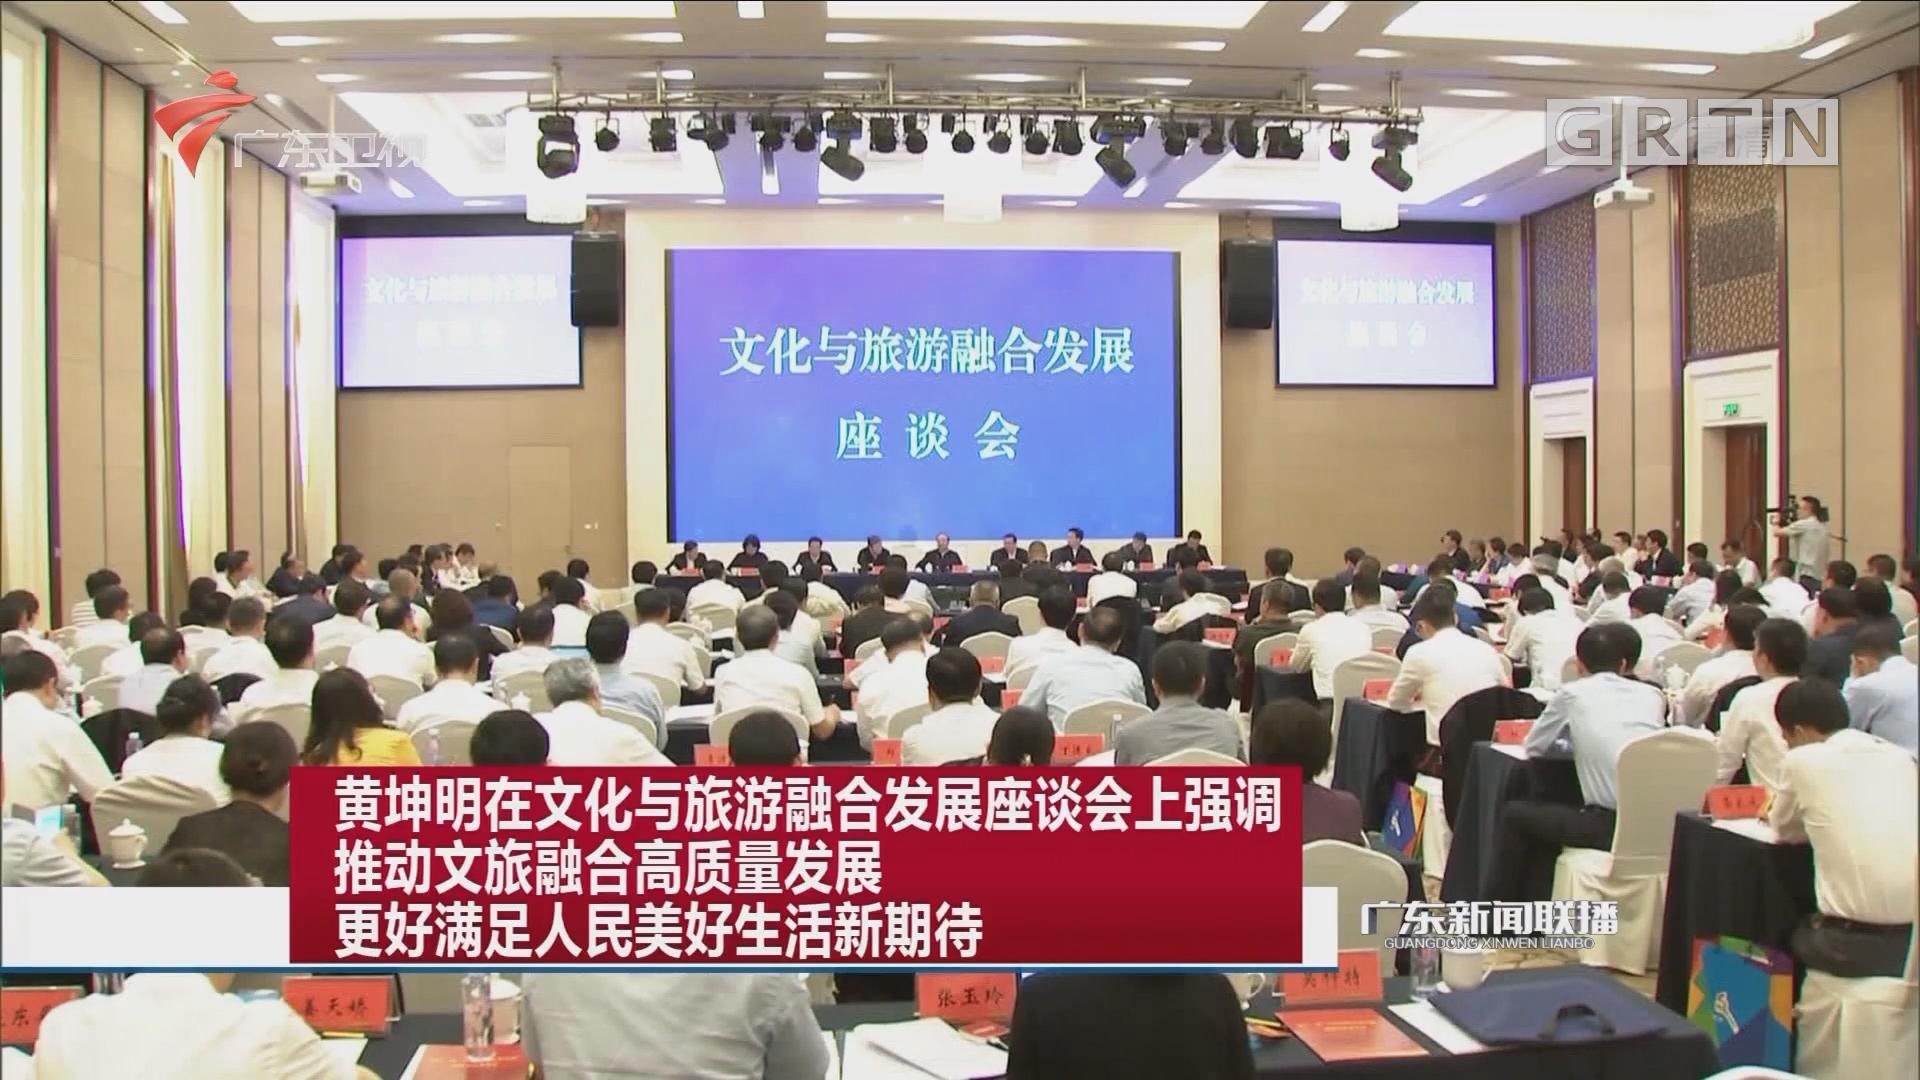 黄坤明在文化与旅游融合发展座谈会上强调 推动文旅融合高质量发展 更好满足人民美好生活新期待